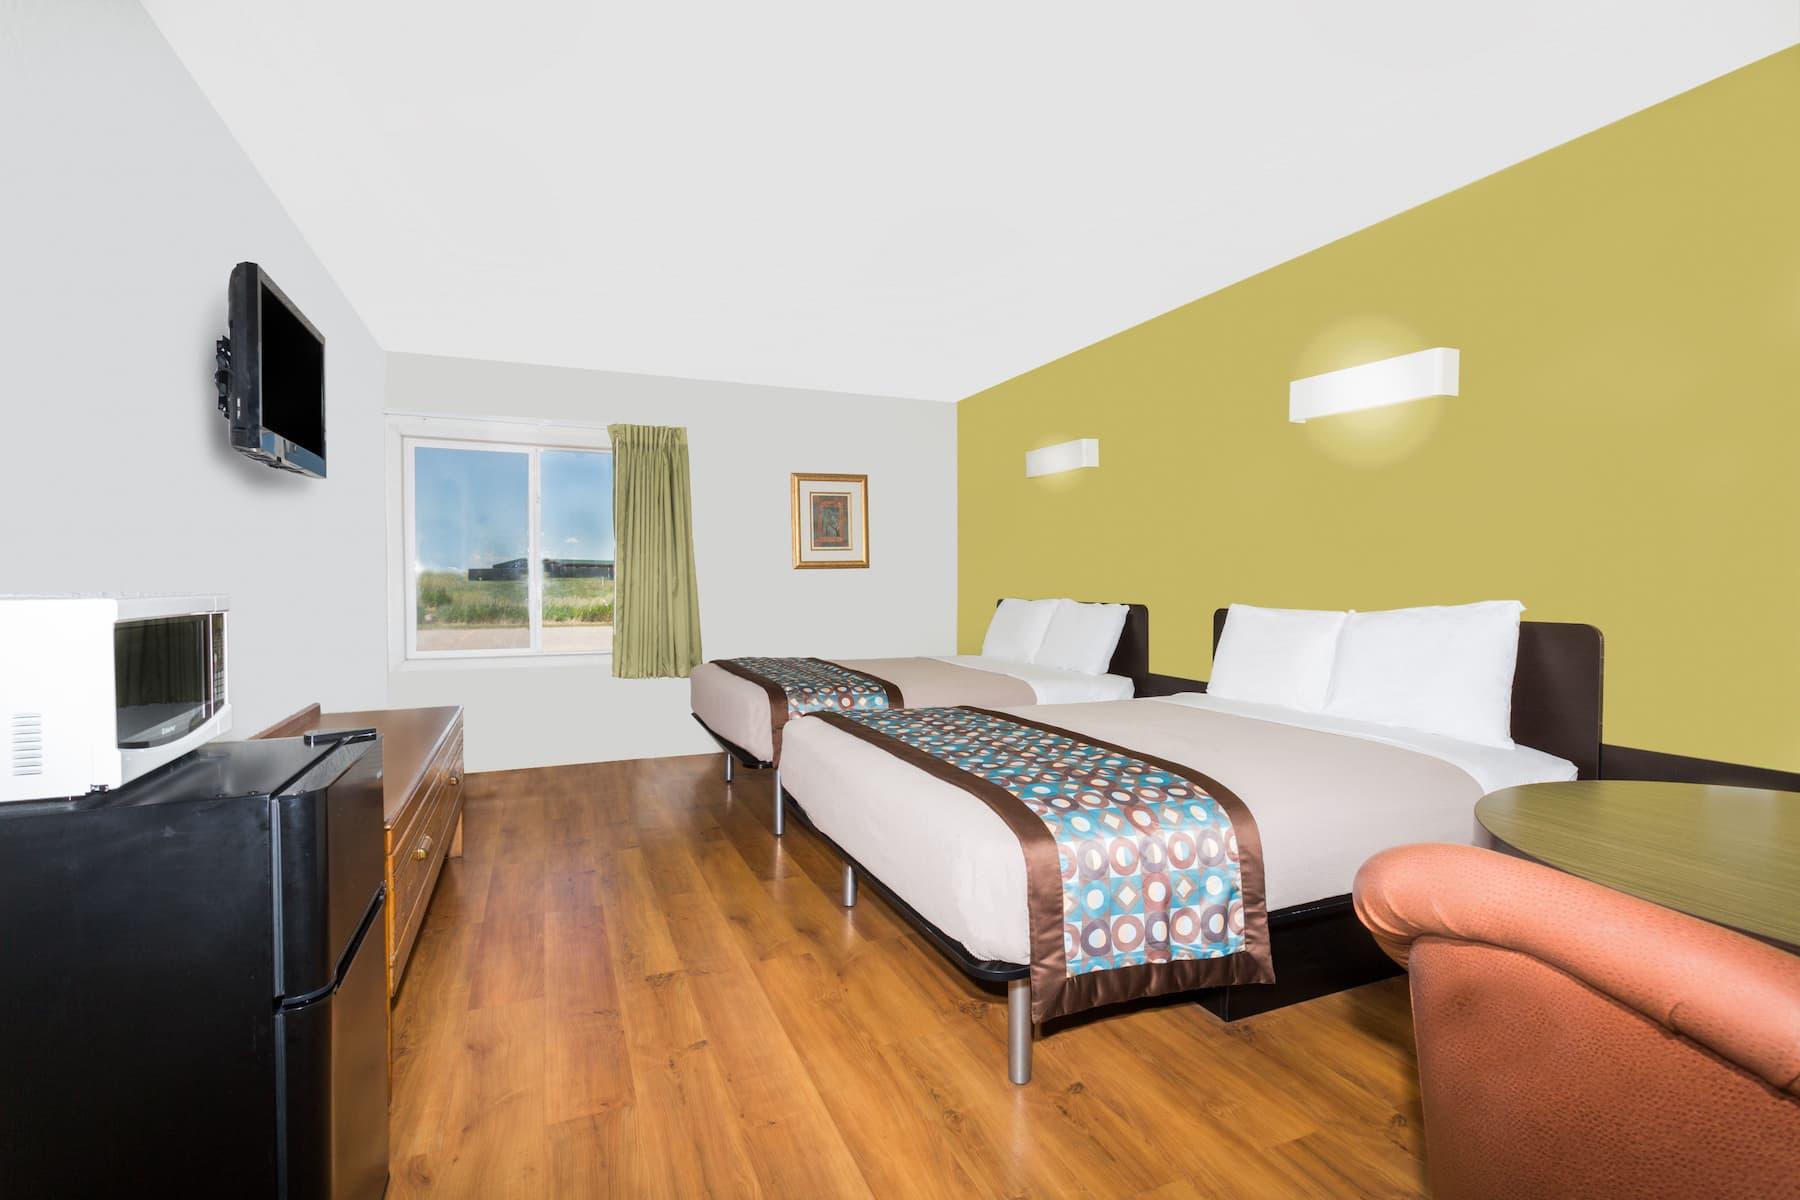 Days Inn By Wyndham Scottsbluff Scottsbluff Ne Hotels